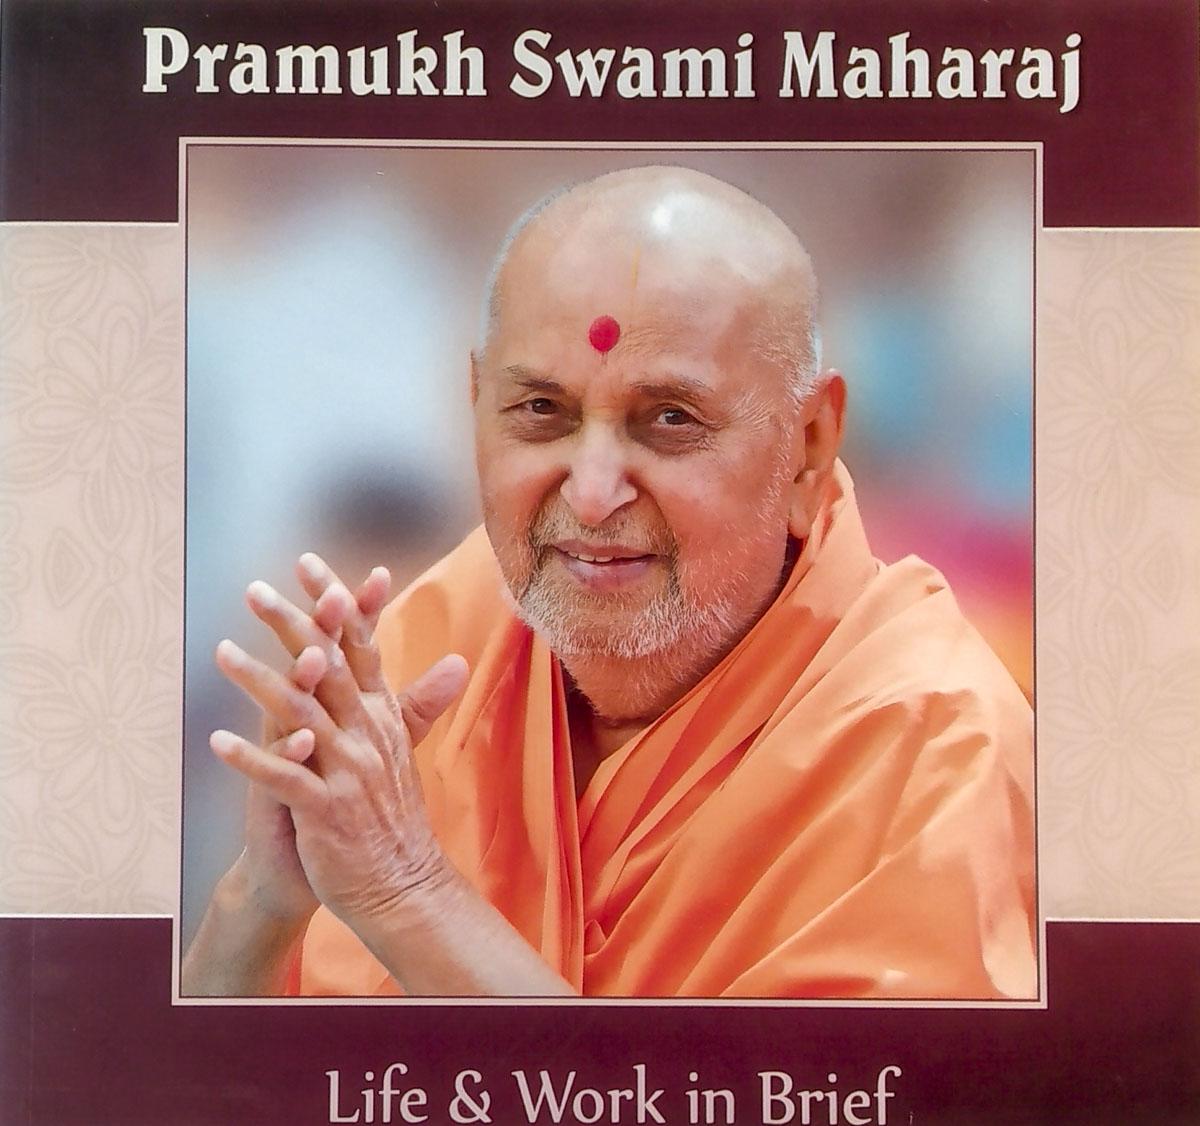 Pramukh Swami Maharaj: Life and Work in Brief